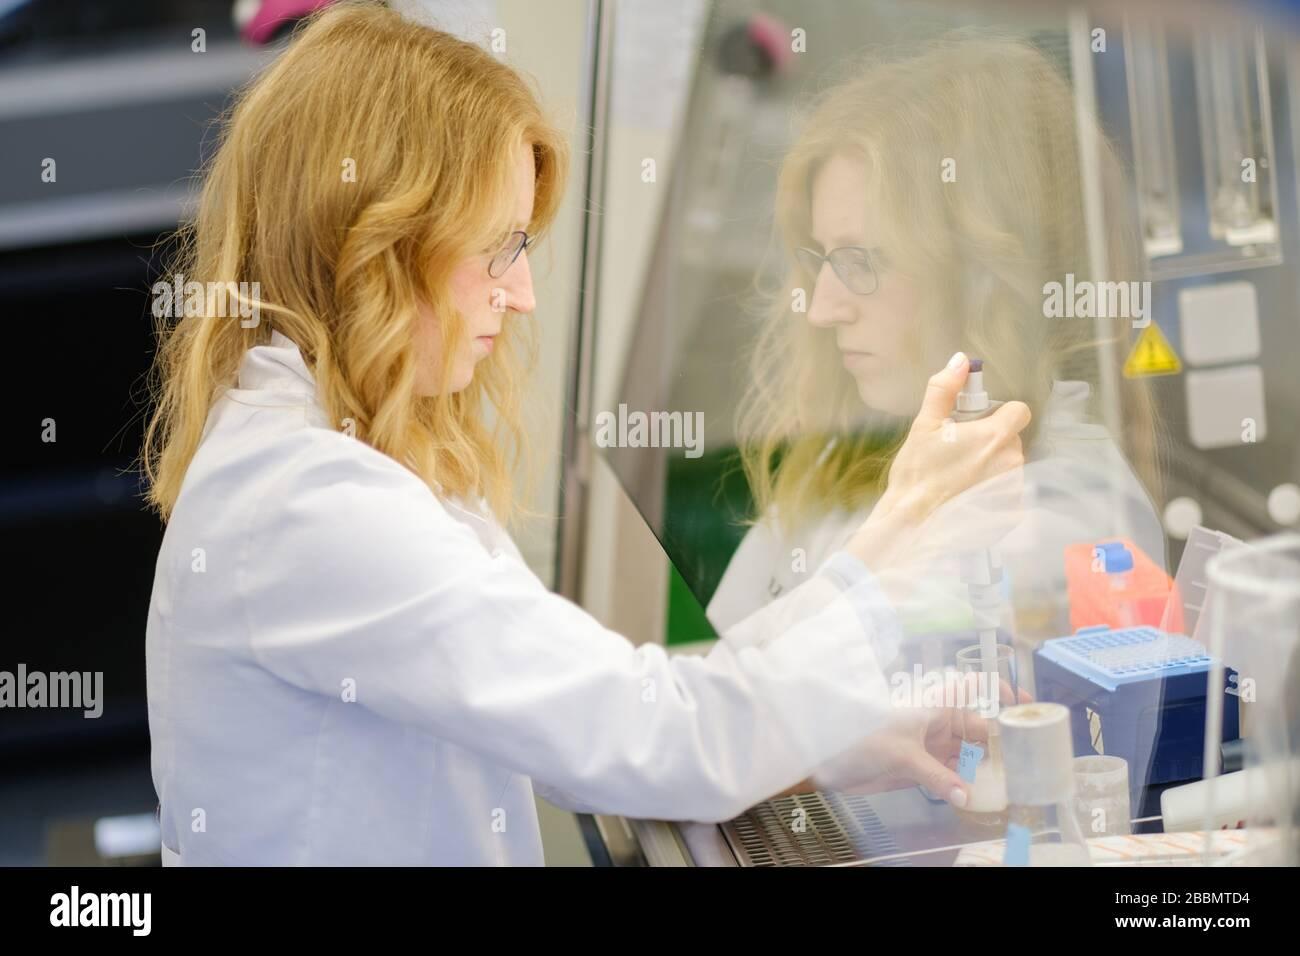 Brunswick, Alemania. 1 de abril de 2020. La científica Katharina Kleilein está investigando la densidad óptica de un cultivo bacteriano en el laboratorio estéril de la empresa de ciencias biológicas Yumab. La empresa de puesta en marcha realiza investigaciones sobre el desarrollo de anticuerpos humanos y, por lo tanto, está tratando de desarrollar fármacos contra Covid-19. Crédito: OLE Spata/dpa/Alamy Live News Foto de stock